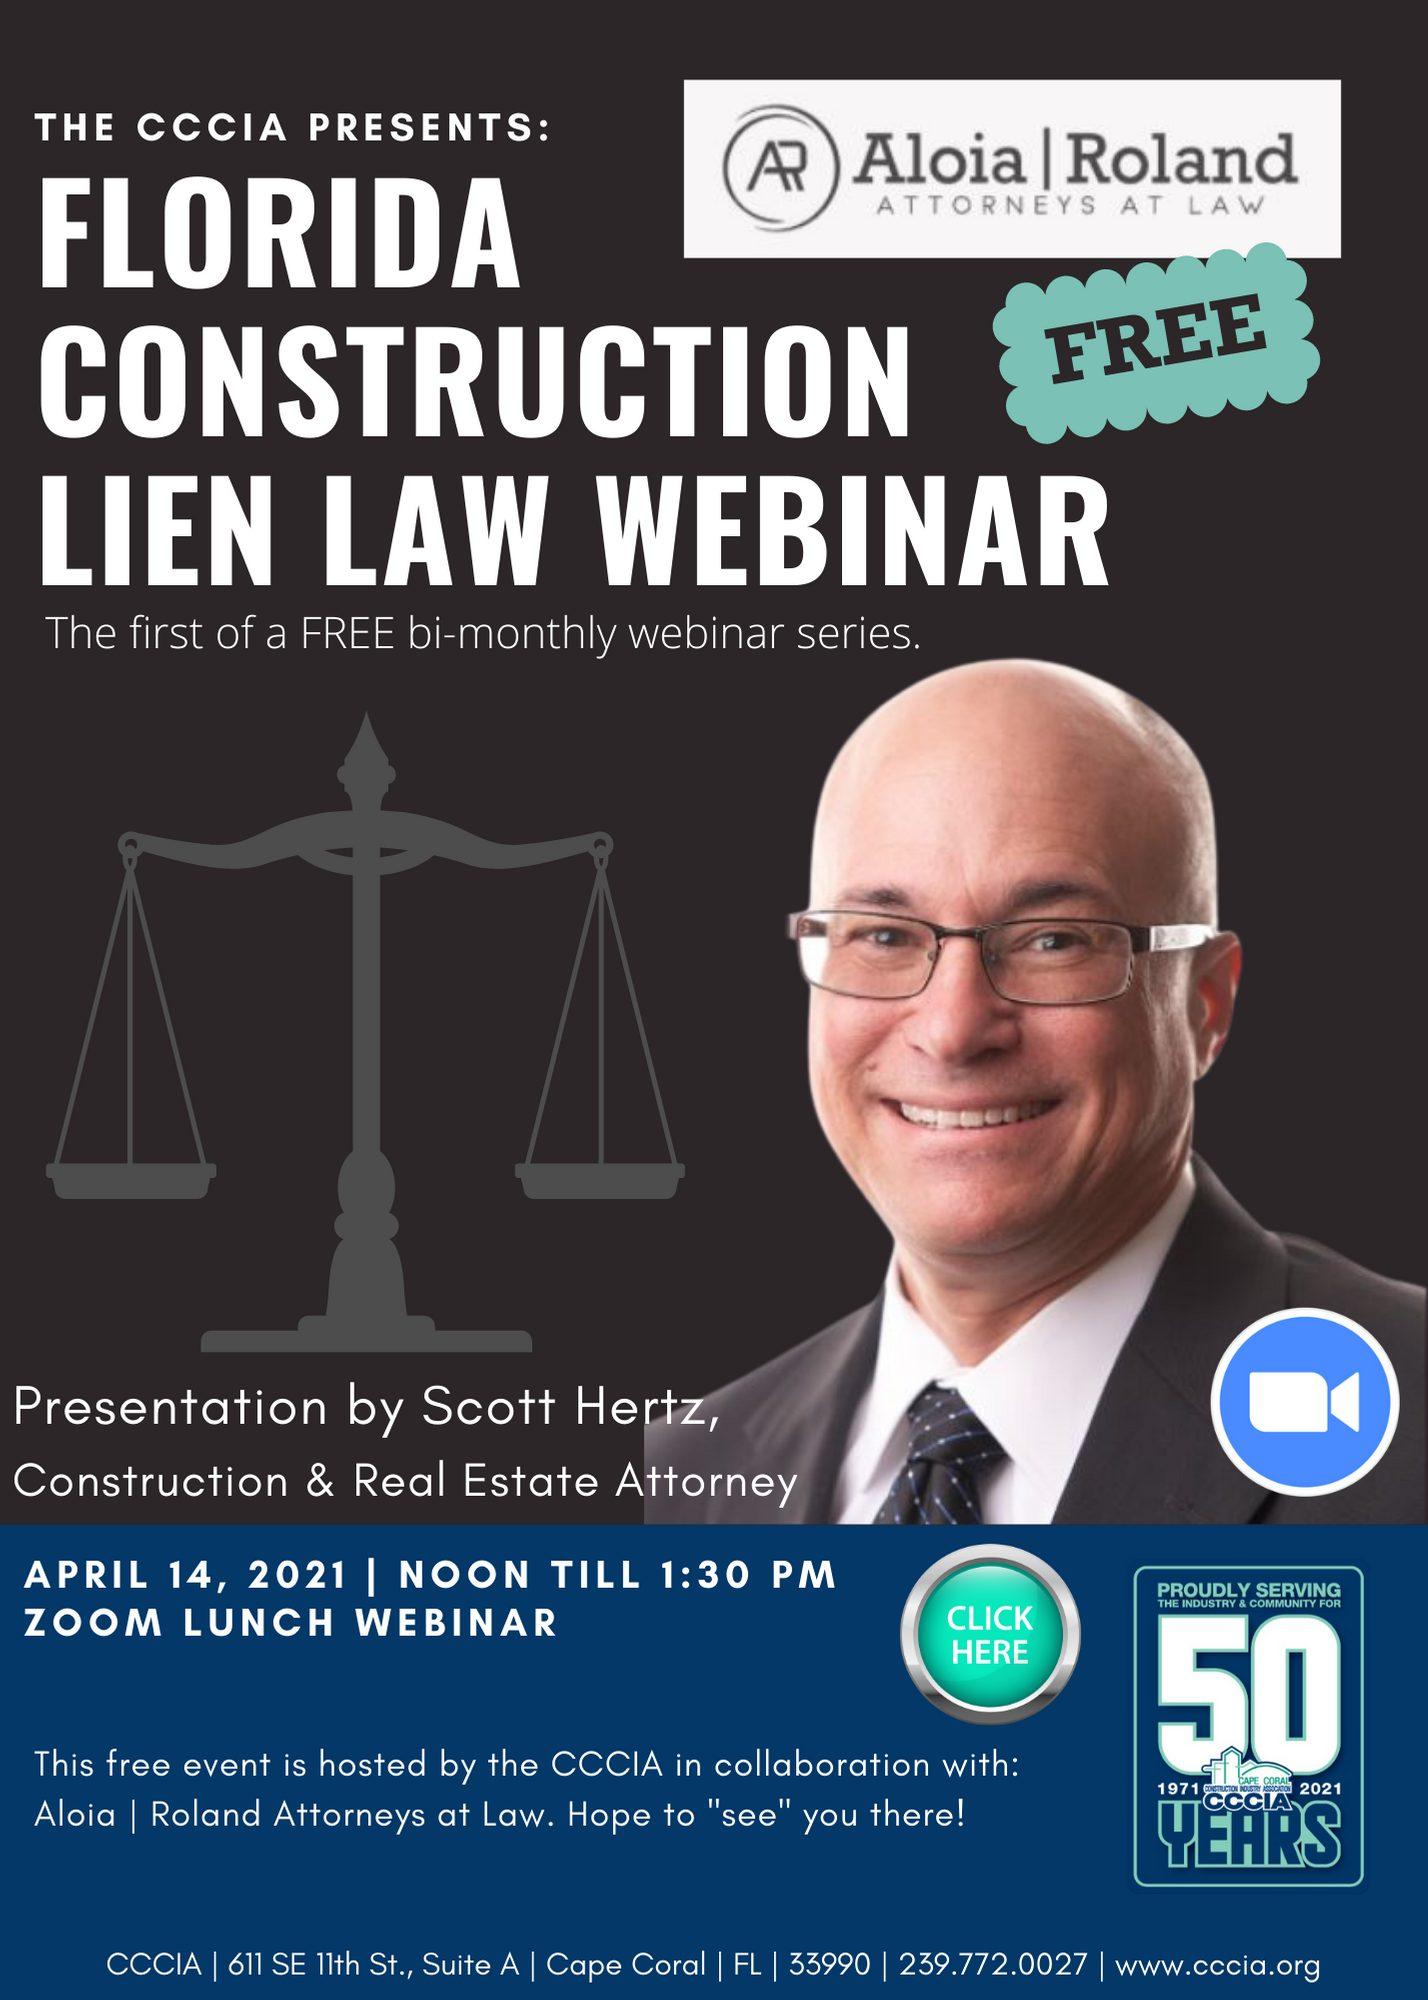 FL Construction Lien Law Image